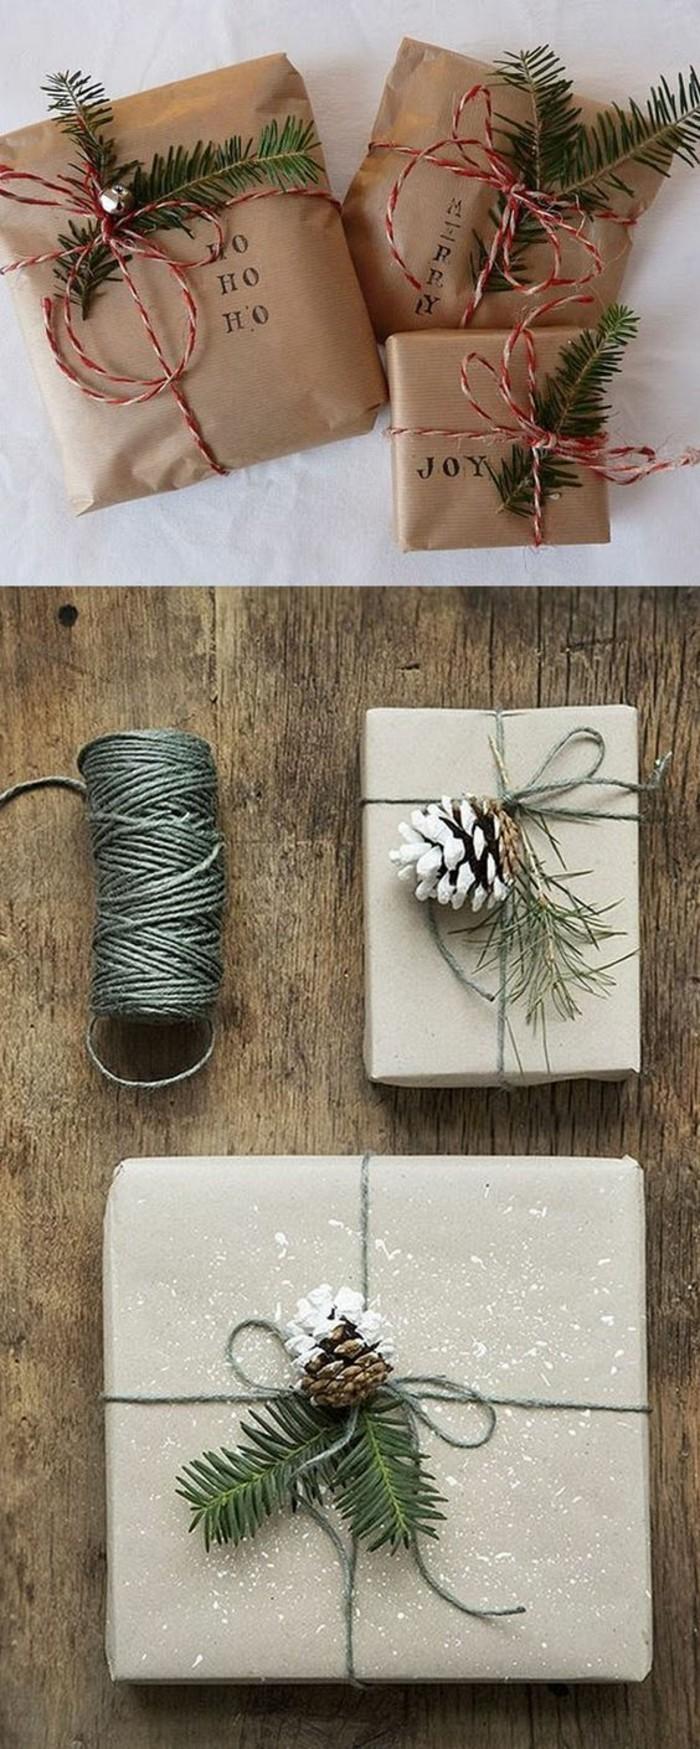 basteln mit zapfen geschenke verpacken diy ideen